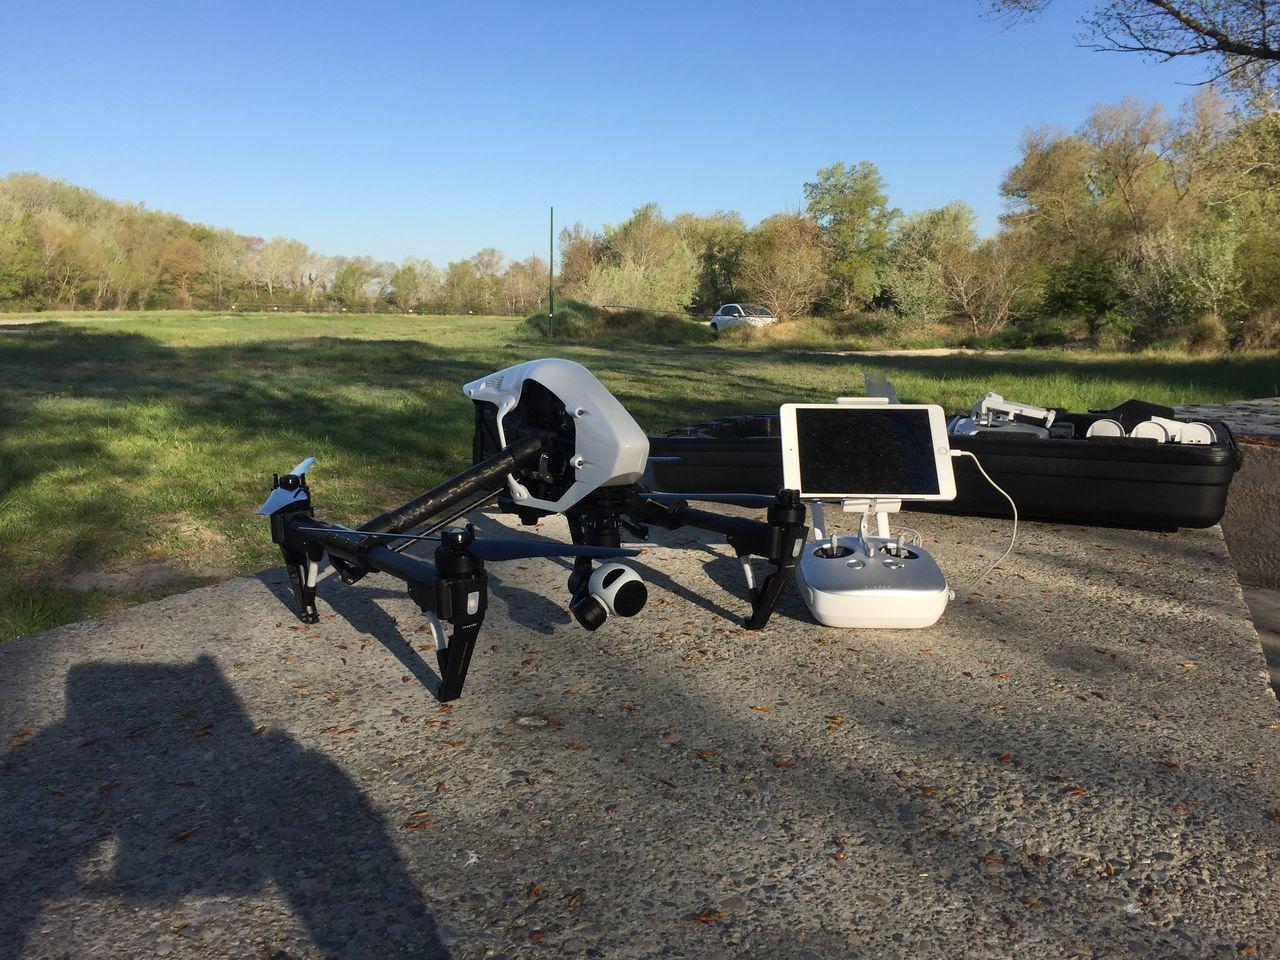 Et voilà l'Inspire1 qui appartiens à la société DRONE SYSTEM. Drone de nouvelle génération qui va révolutionner la prise de vue aérienne. Djiinspire1 Inspire1 Inspire Dji Drone  Dronephotography Dronesystem Drones Aerial Photography Aerial